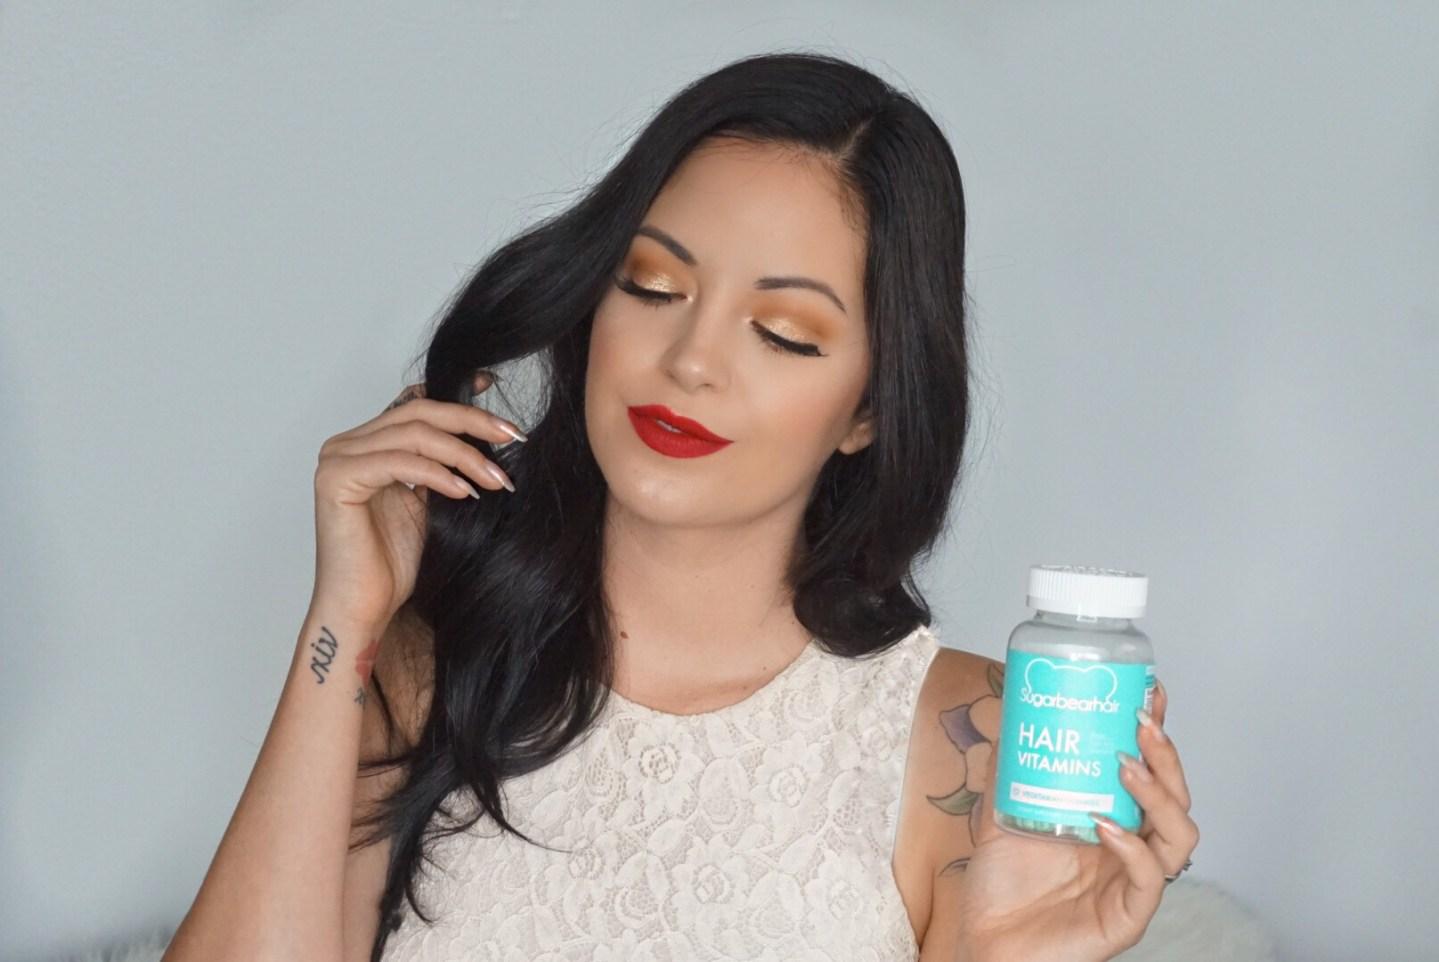 Sugar Bear Hair Vitamins 3 Month Review